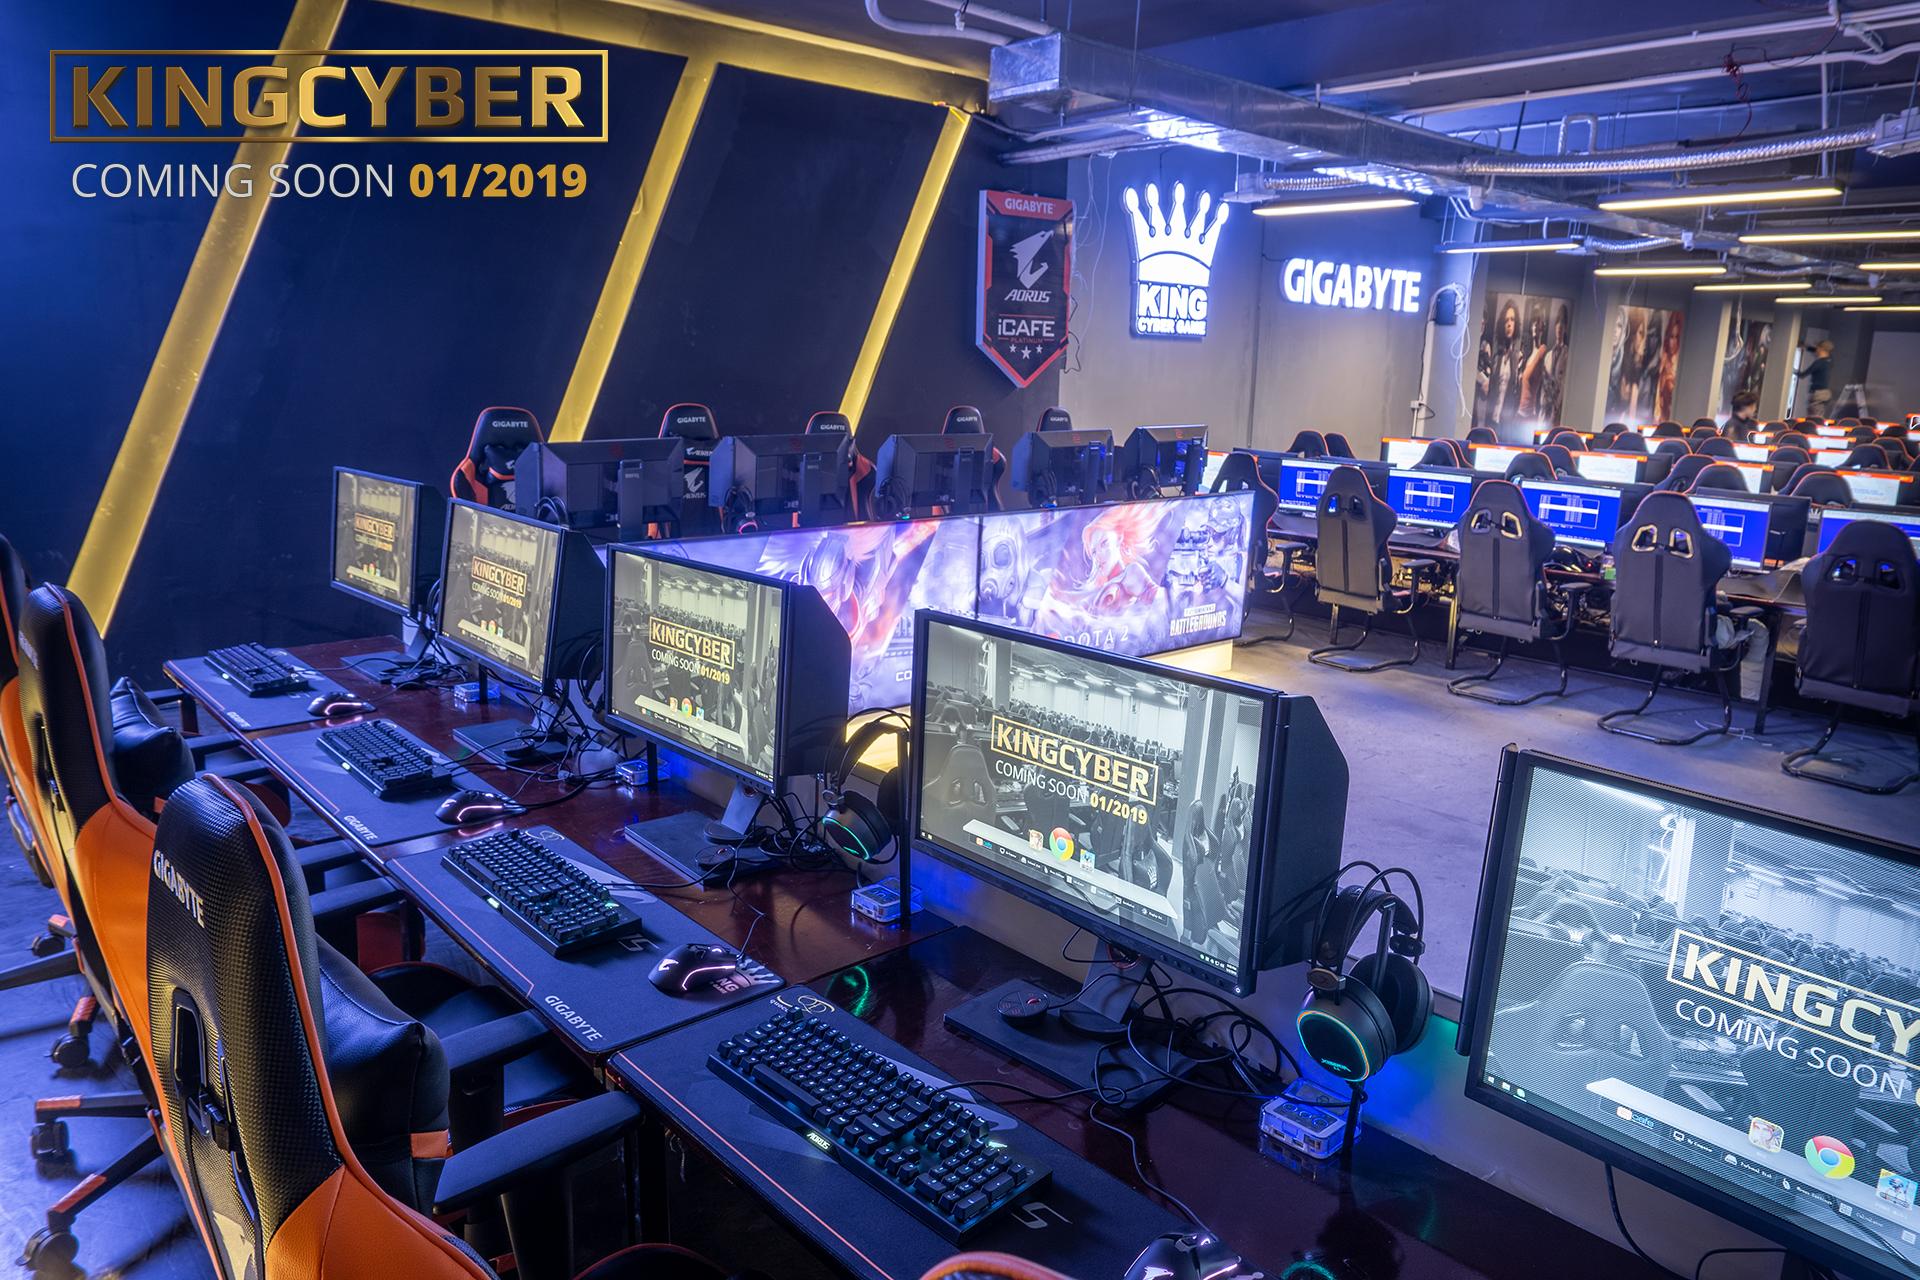 KINGCYBER CC2 Linh Đàm – Quán net chuyên dành cho game thủ eSports sắp ra mắt